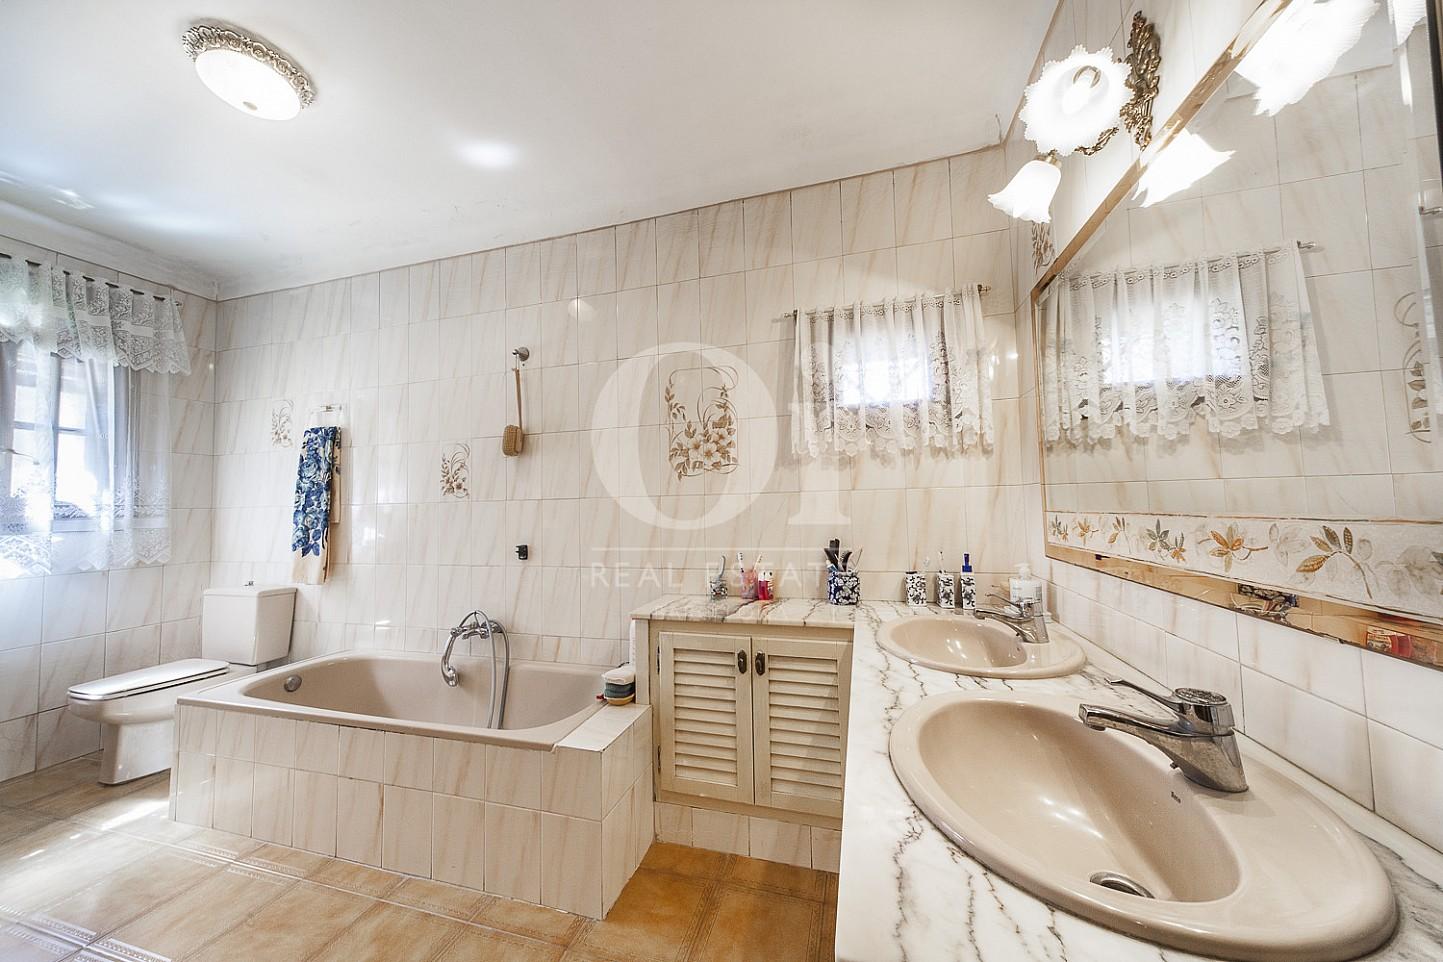 Salle de bain de maison en vente à Borrassà, alto Ampurdán, Gerona